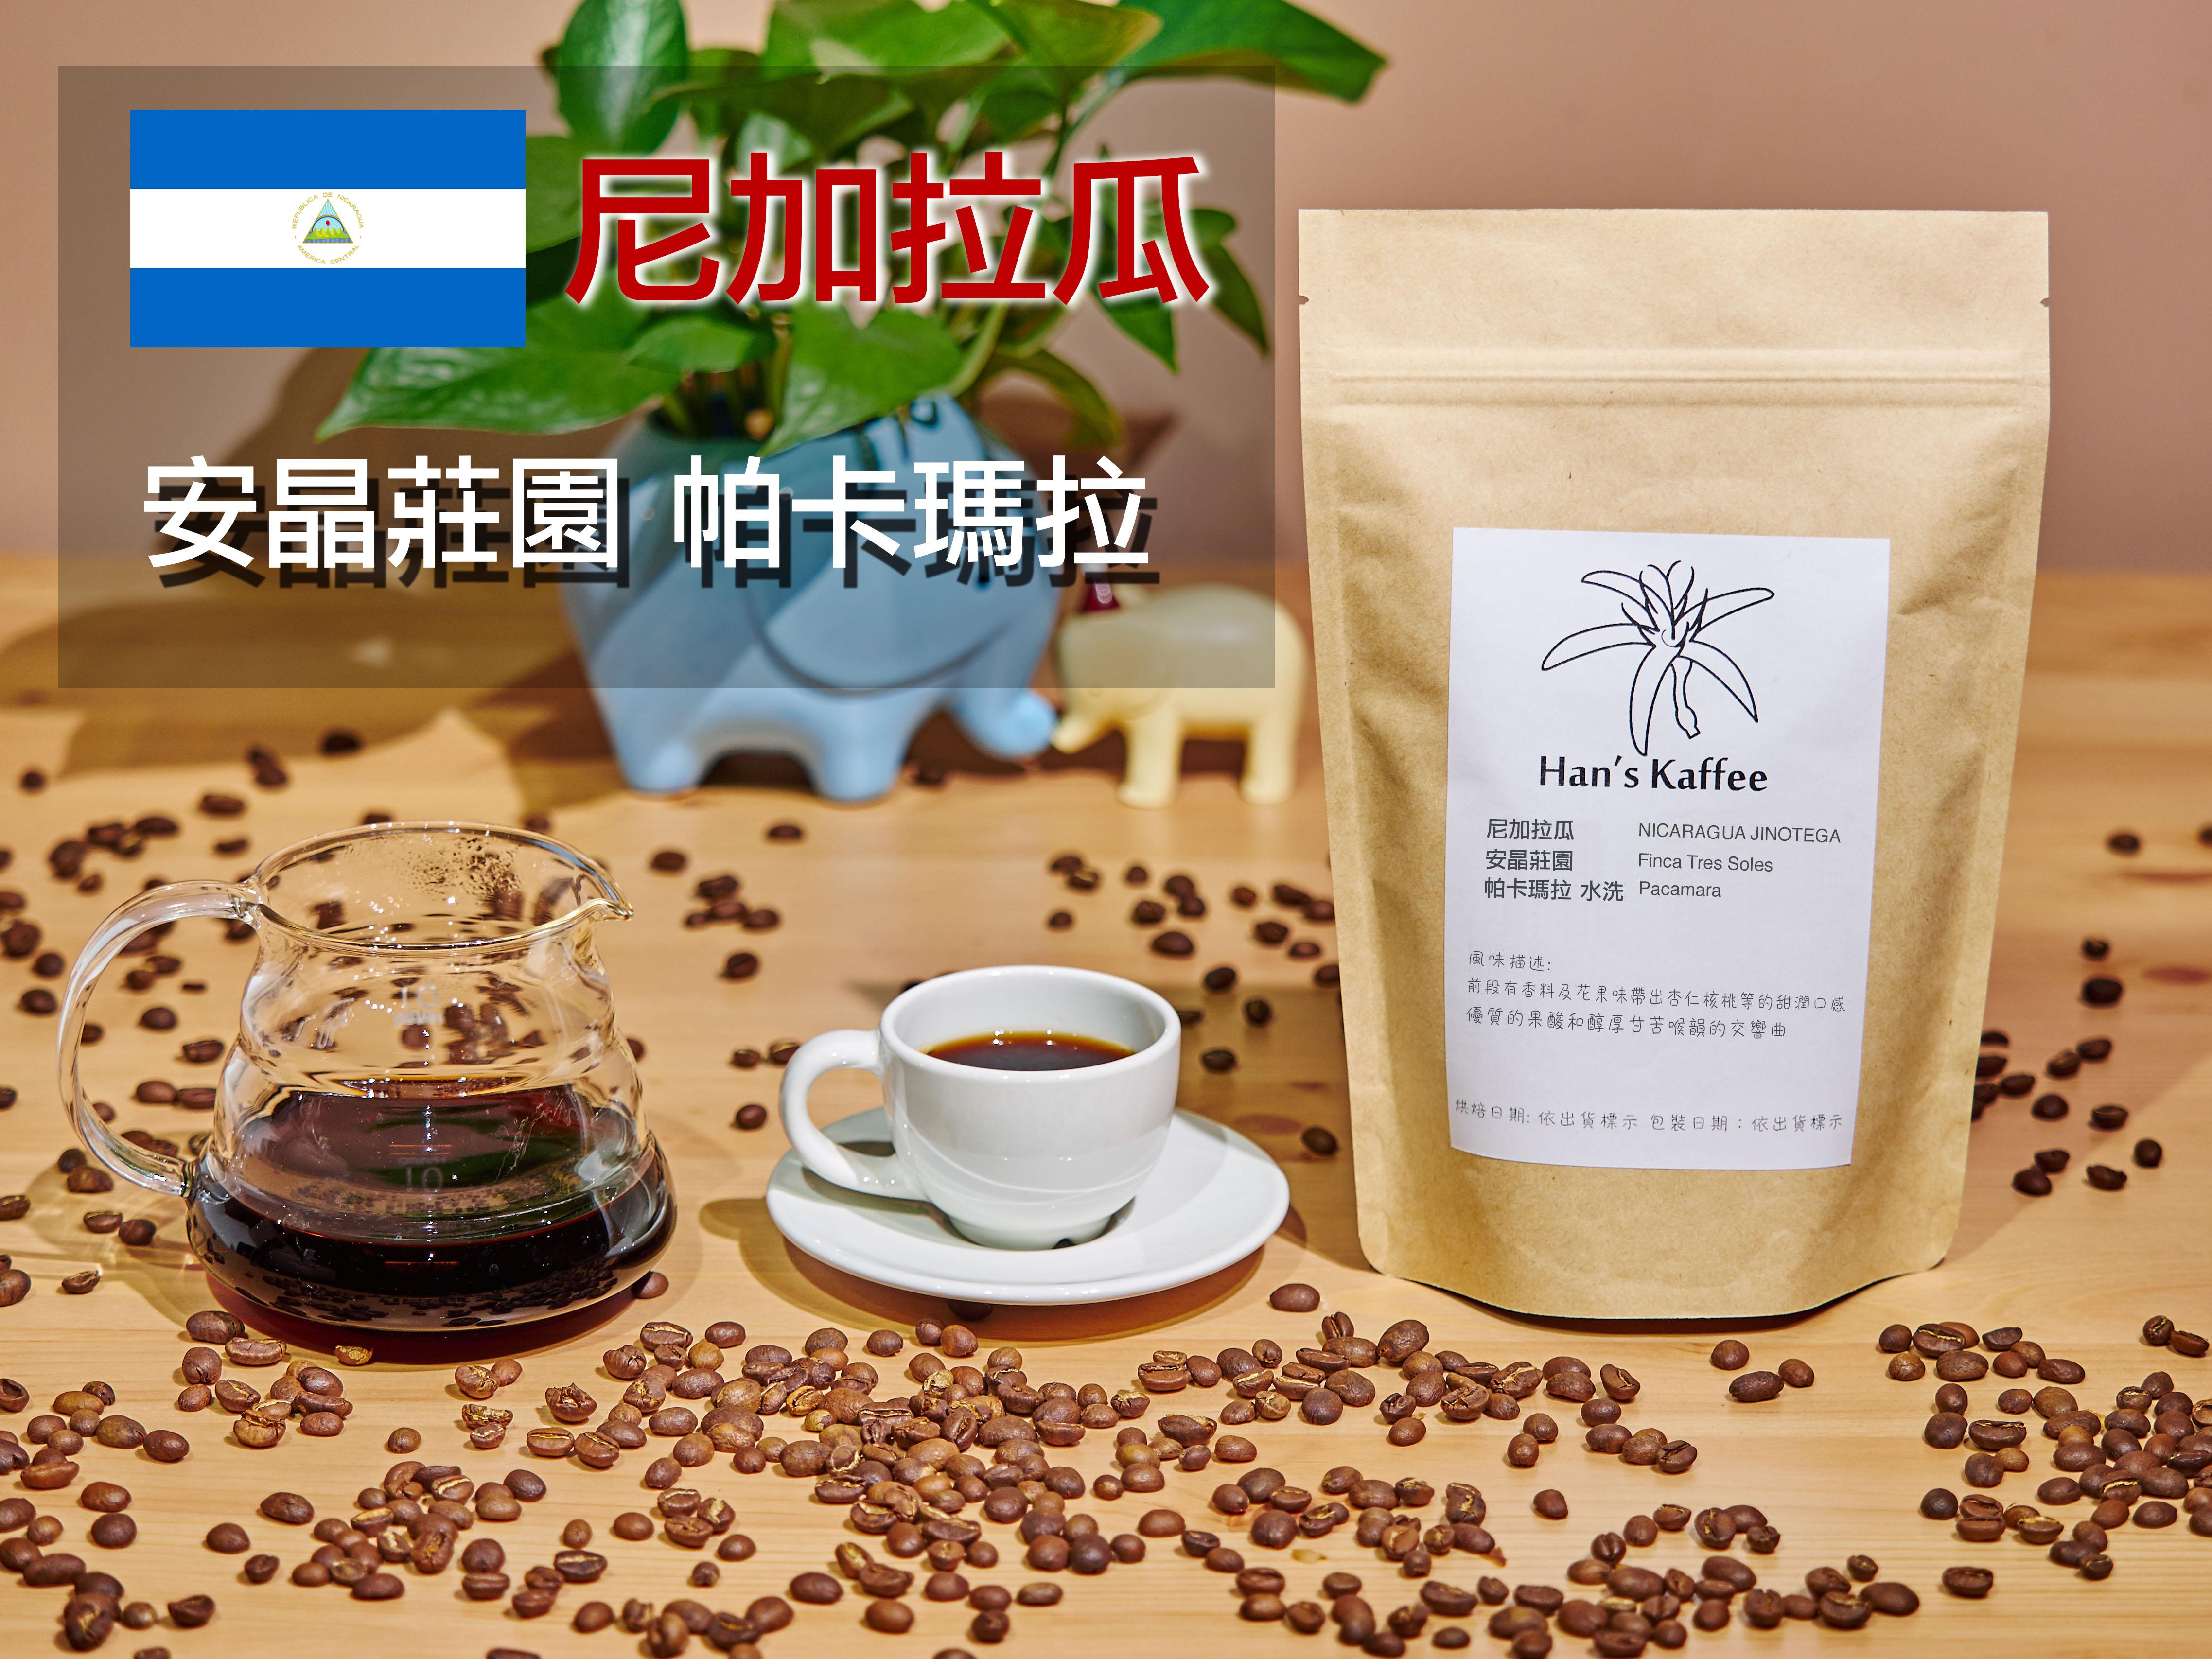 尼加拉瓜 安晶莊園 帕卡瑪拉 水洗 NICARAGUA JINOTEGA Finca Tres Soles Pacamara 咖啡豆一磅 接單烘焙